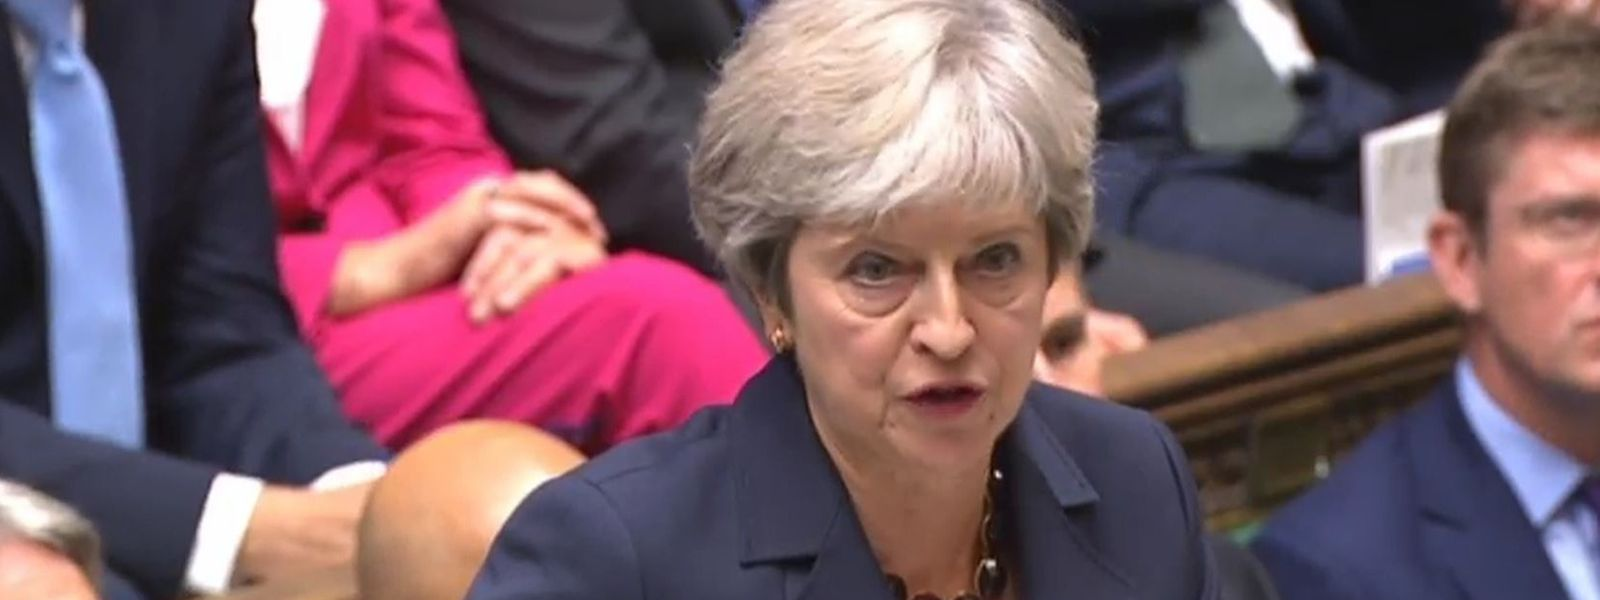 Theresa May, Premierministerin von Großbritannien, beantwortet die allwöchentlichen «Fragen an die Premierministerin» im Unterhaus.